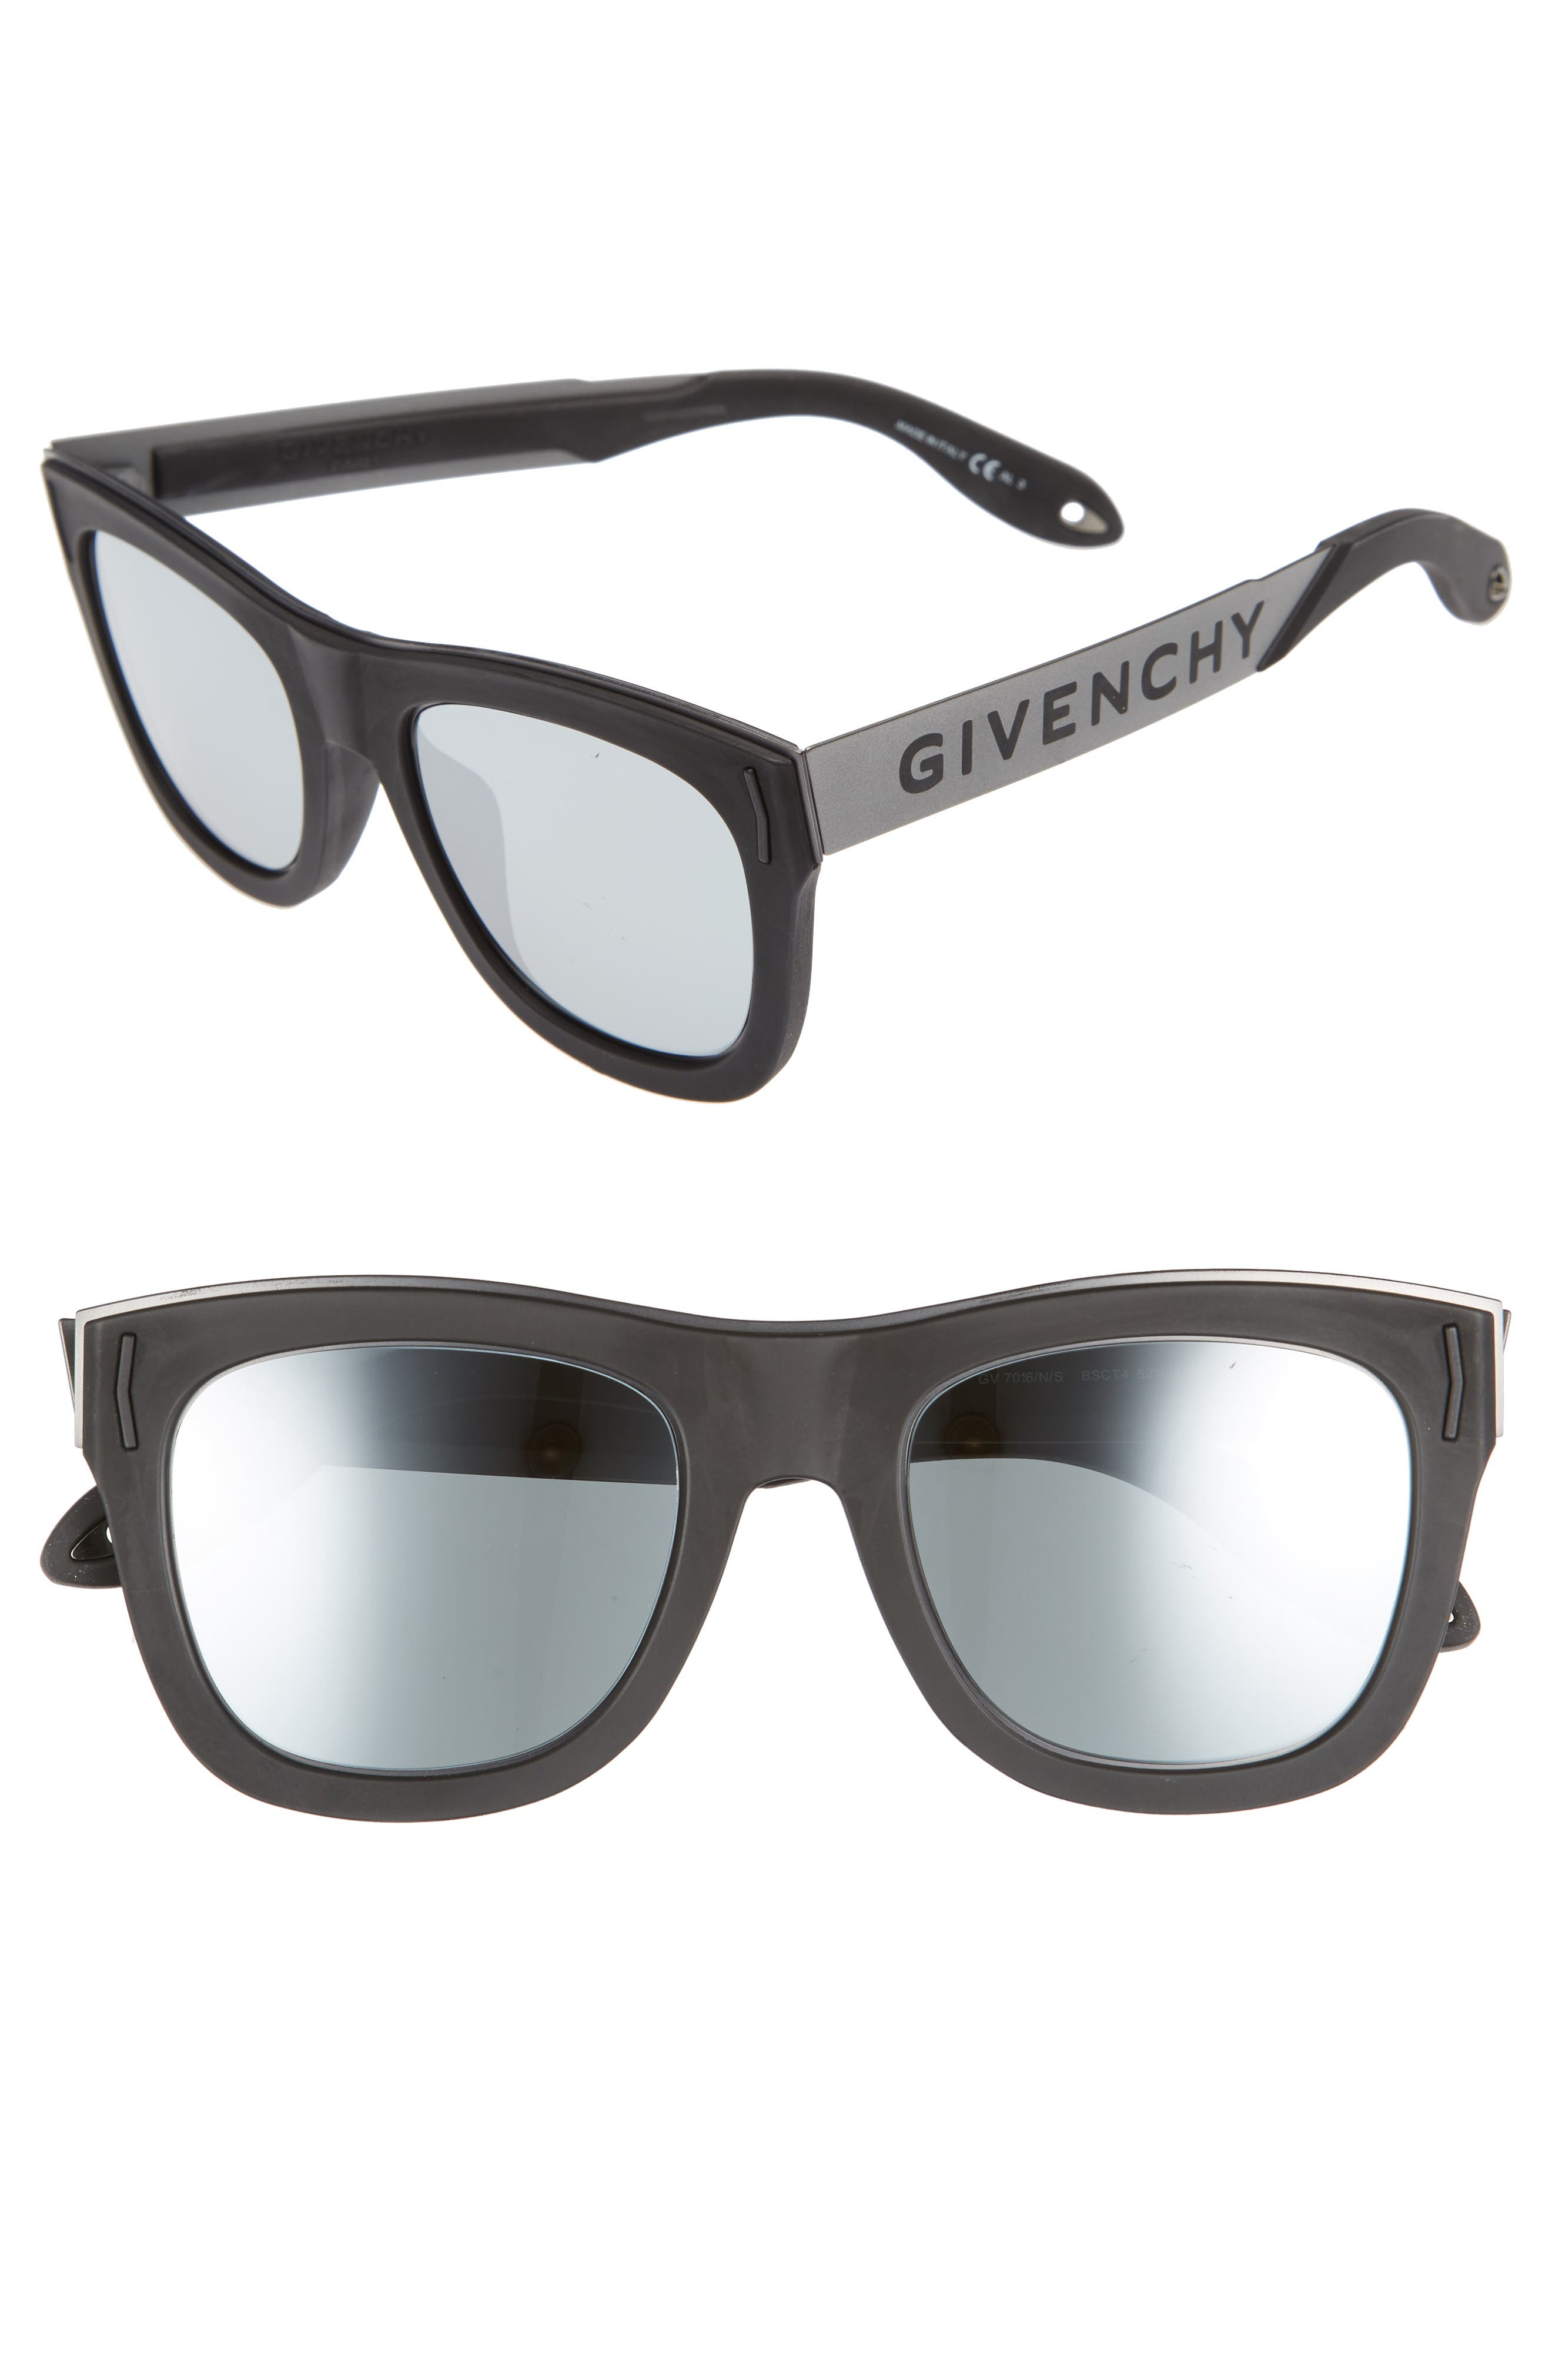 52mm Gradient Lens Sunglasses,                         Main,                         color, Black Silver